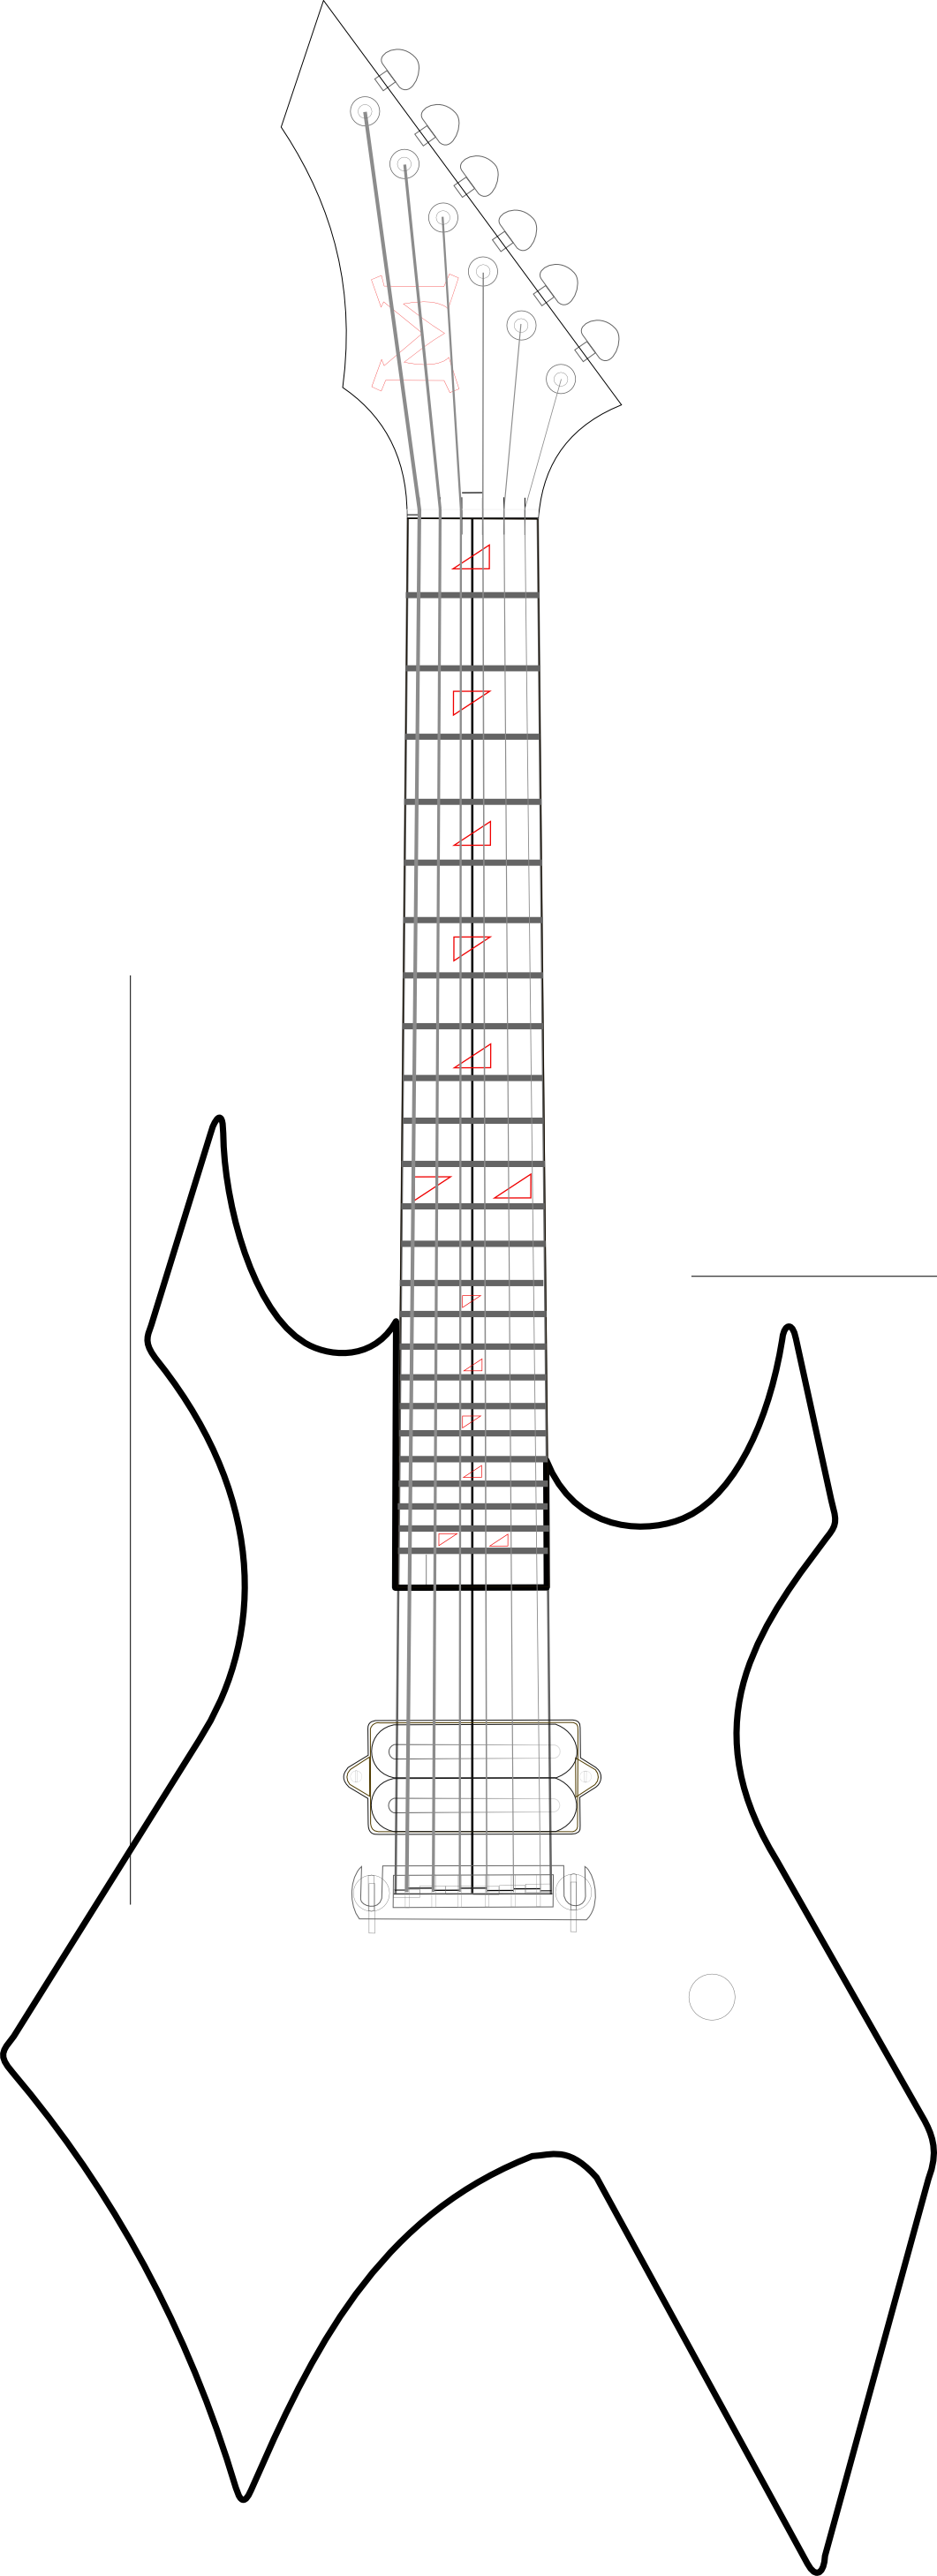 Clipart guitar metal. Http i photobucket com